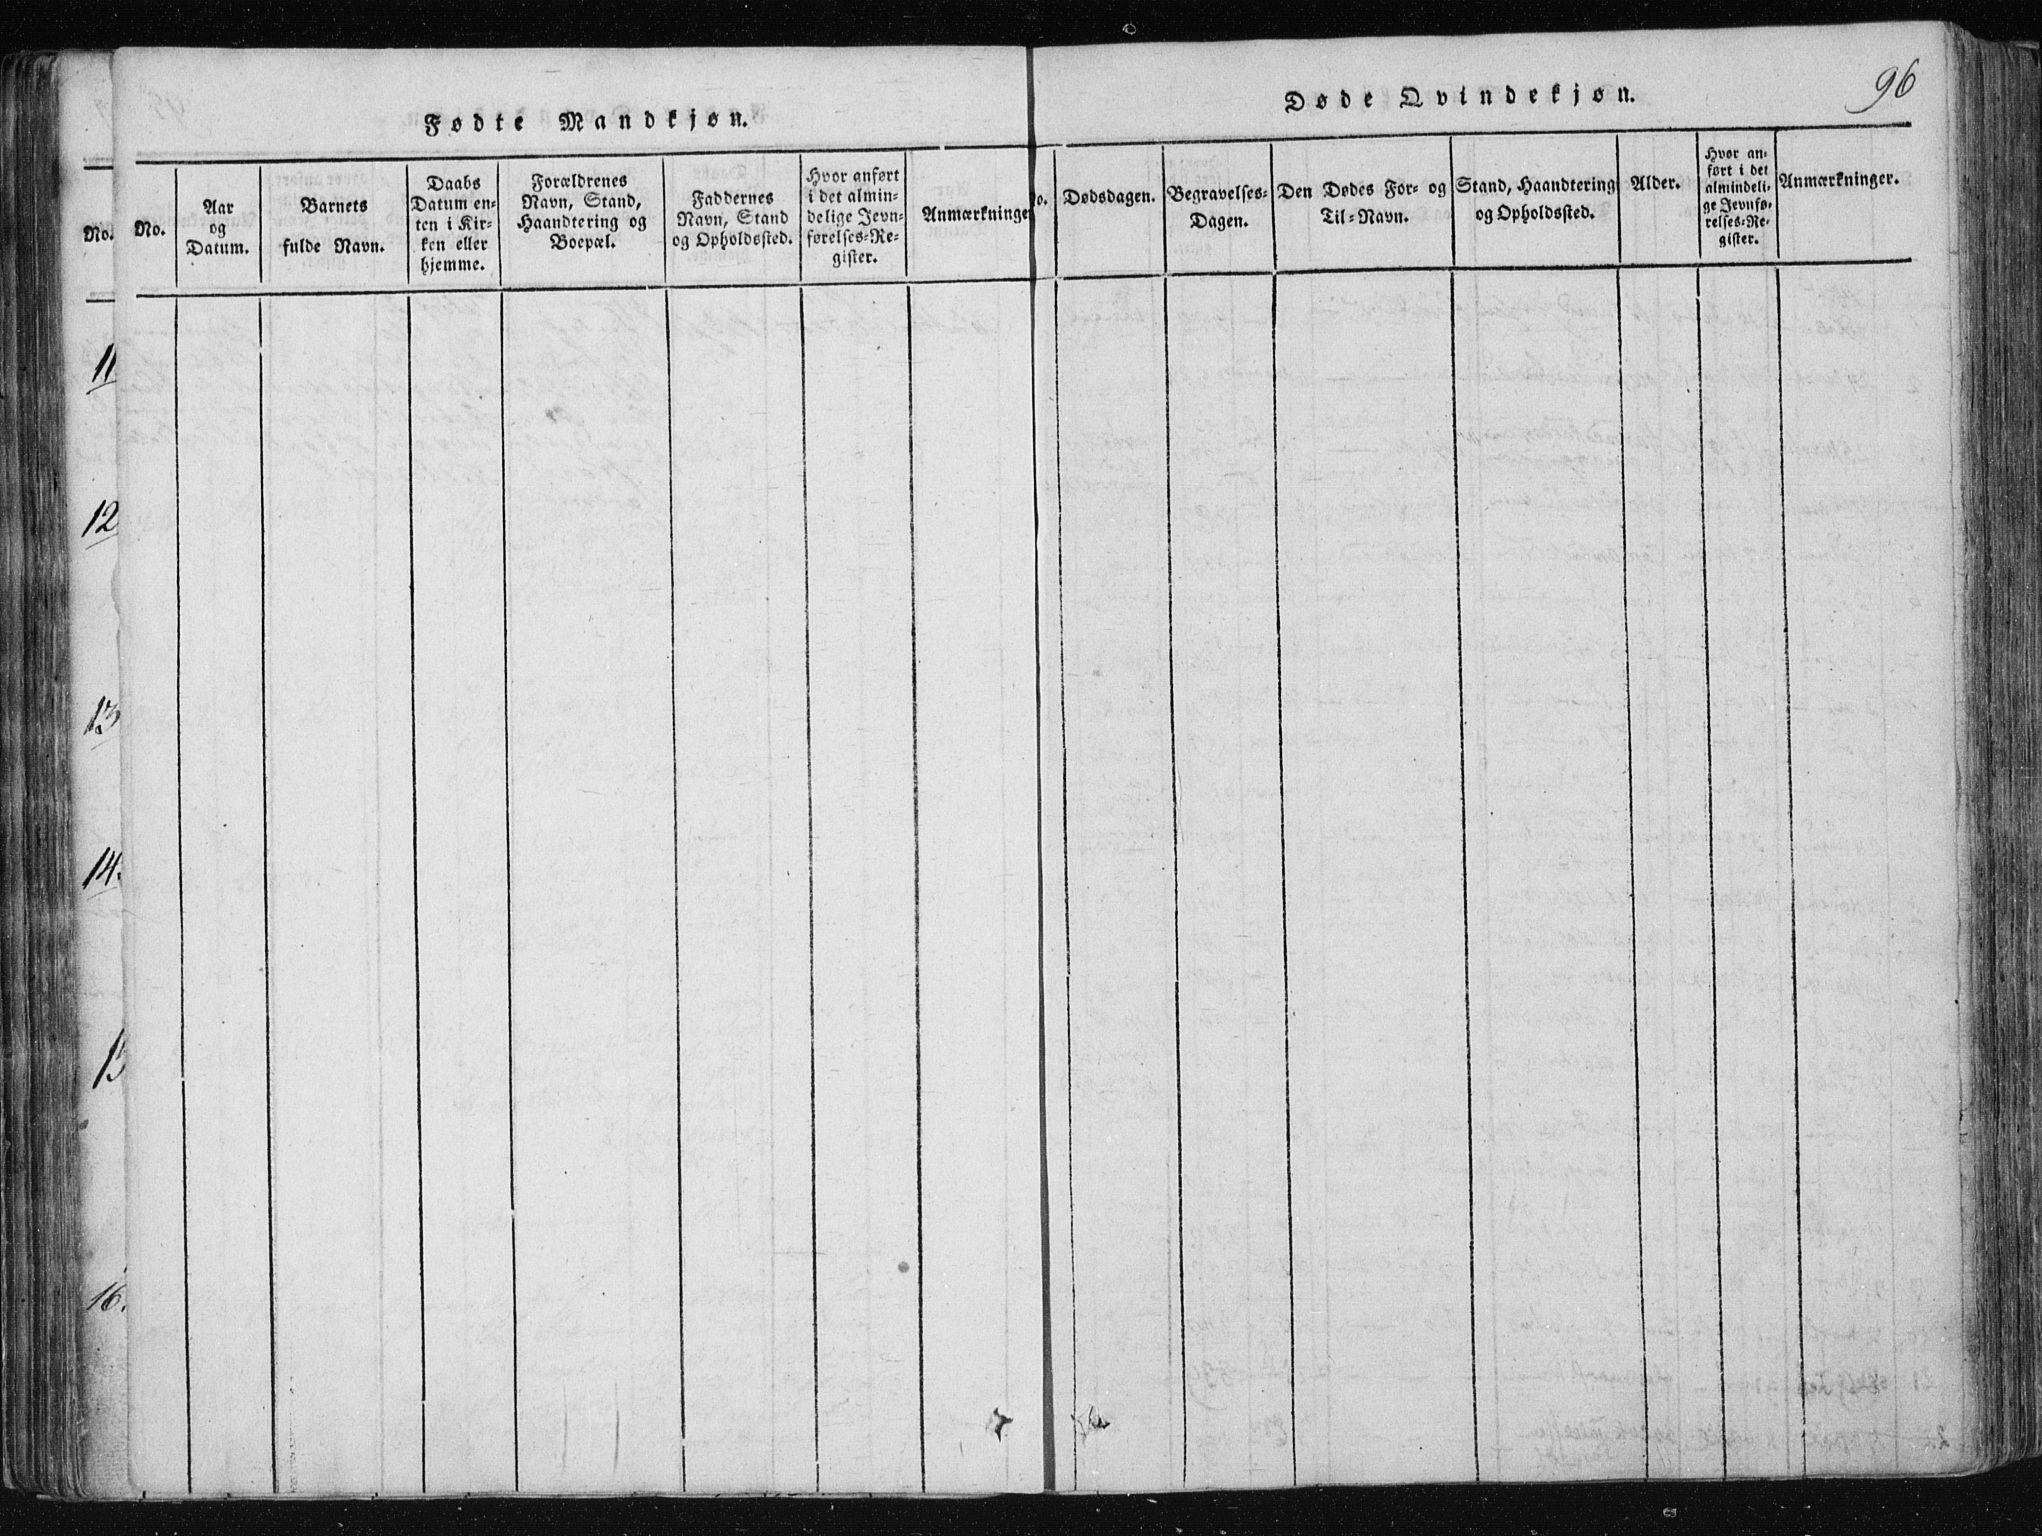 SAKO, Vinje kirkebøker, F/Fa/L0003: Ministerialbok nr. I 3, 1814-1843, s. 96